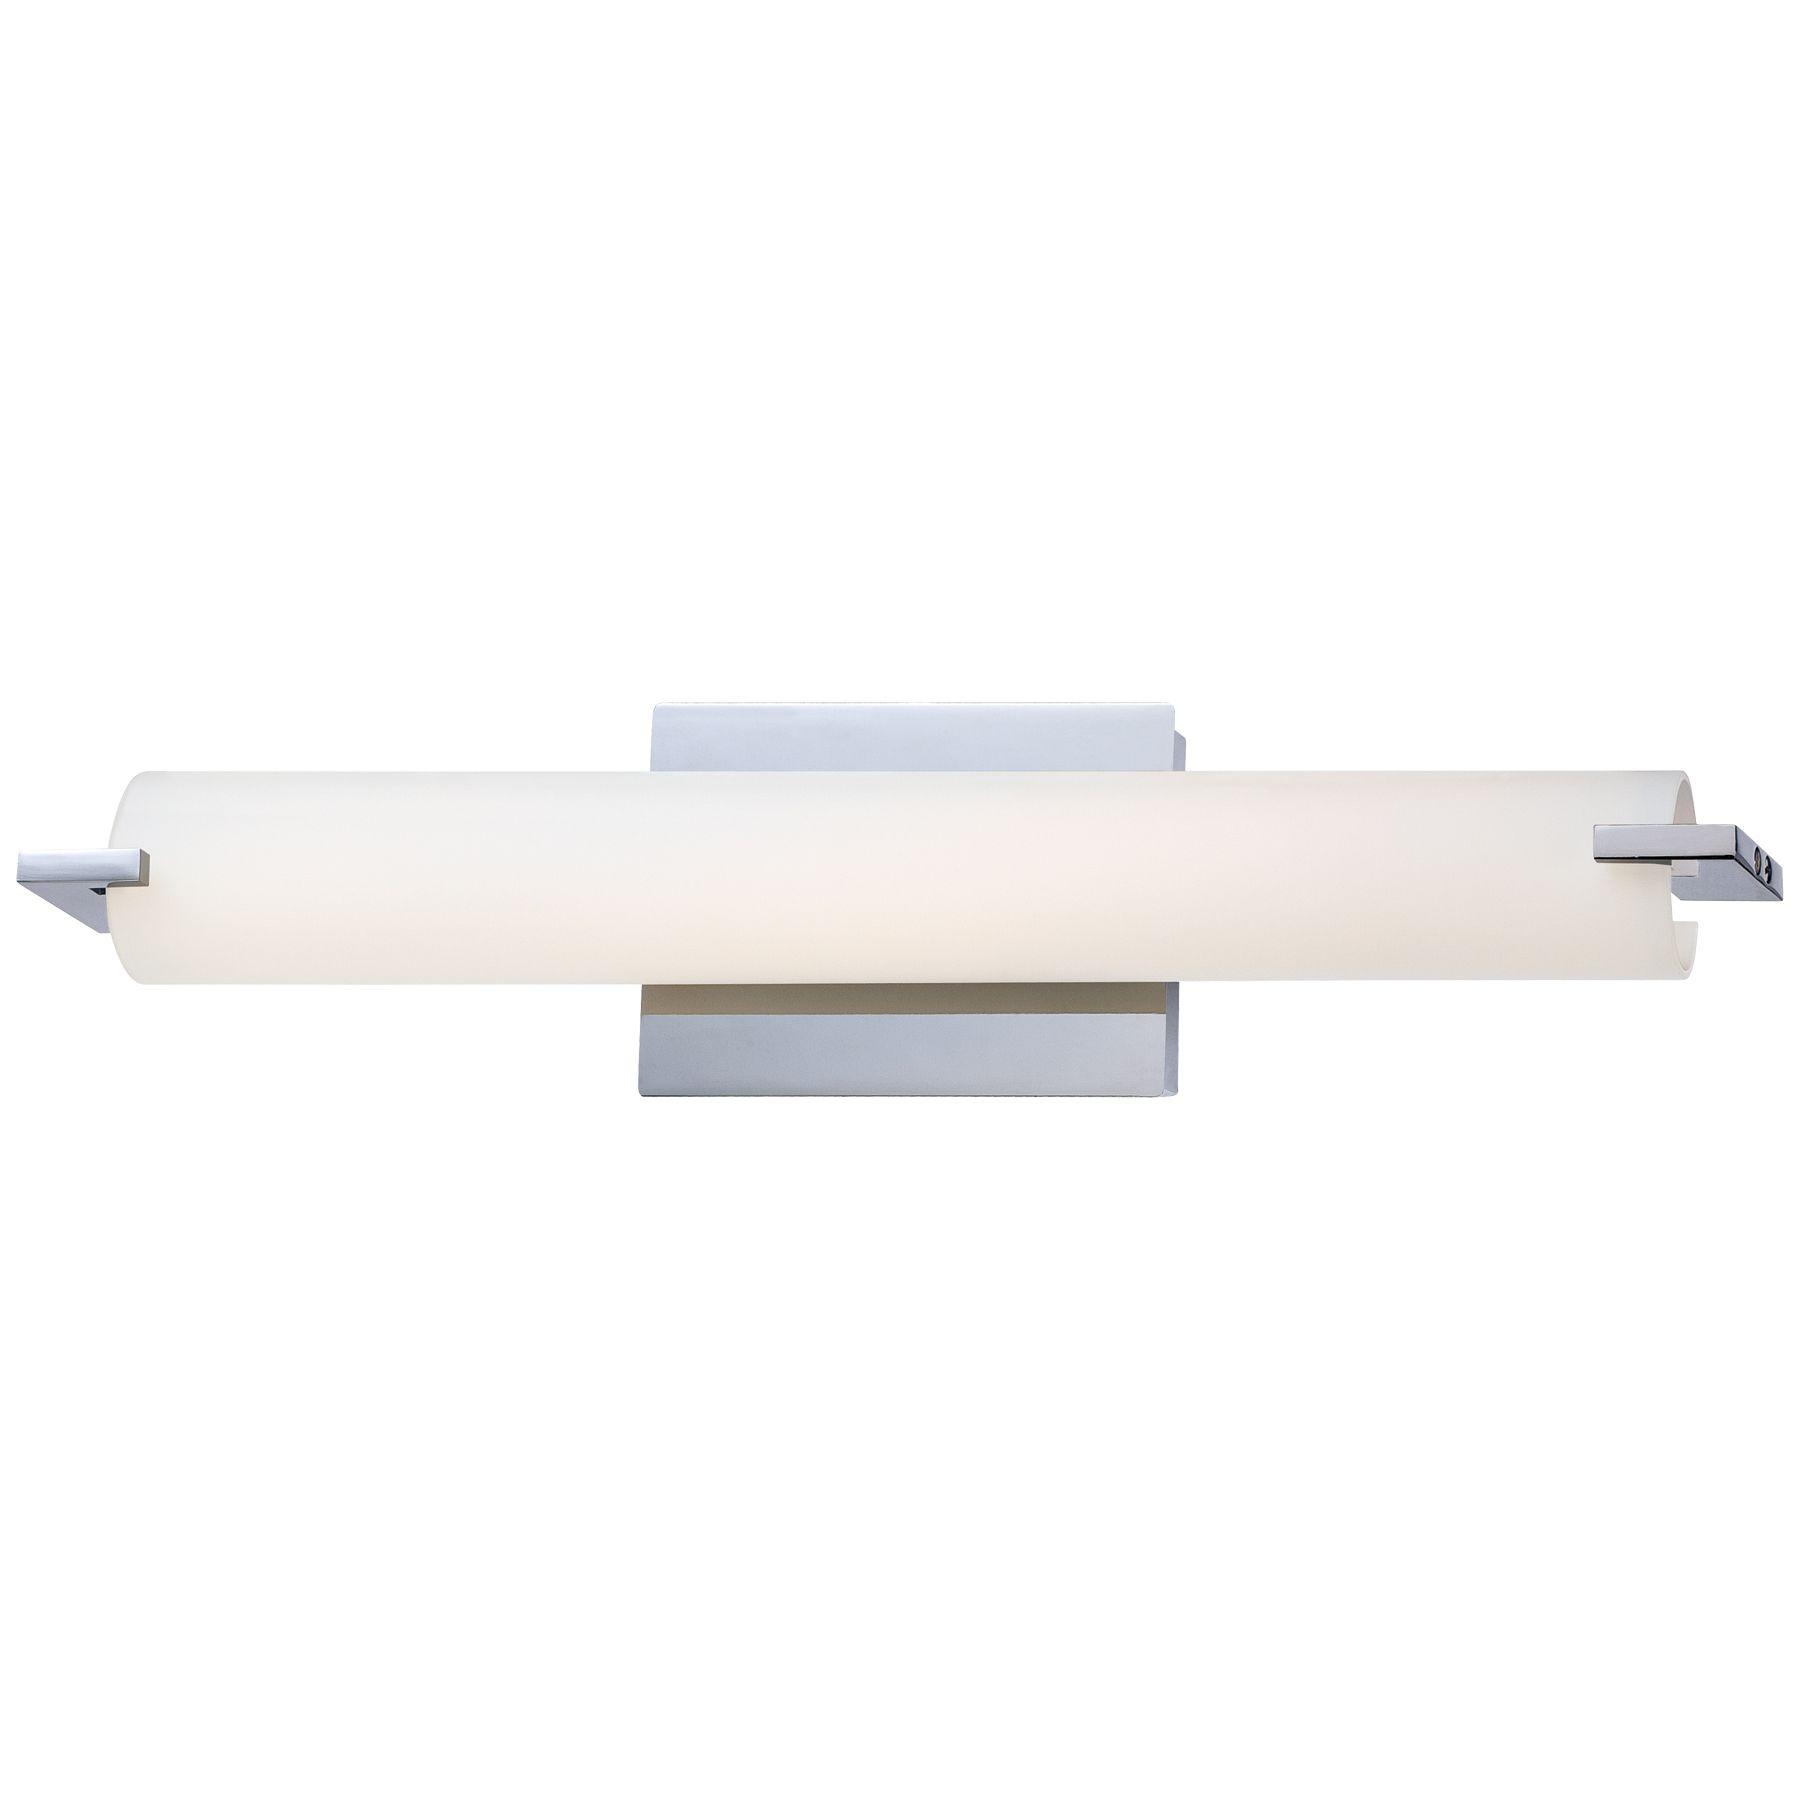 Tube Bathroom Vanity Light By George Kovacs P5044 077 L Bathroom Light Bar Bathroom Light Fixtures Bath Light